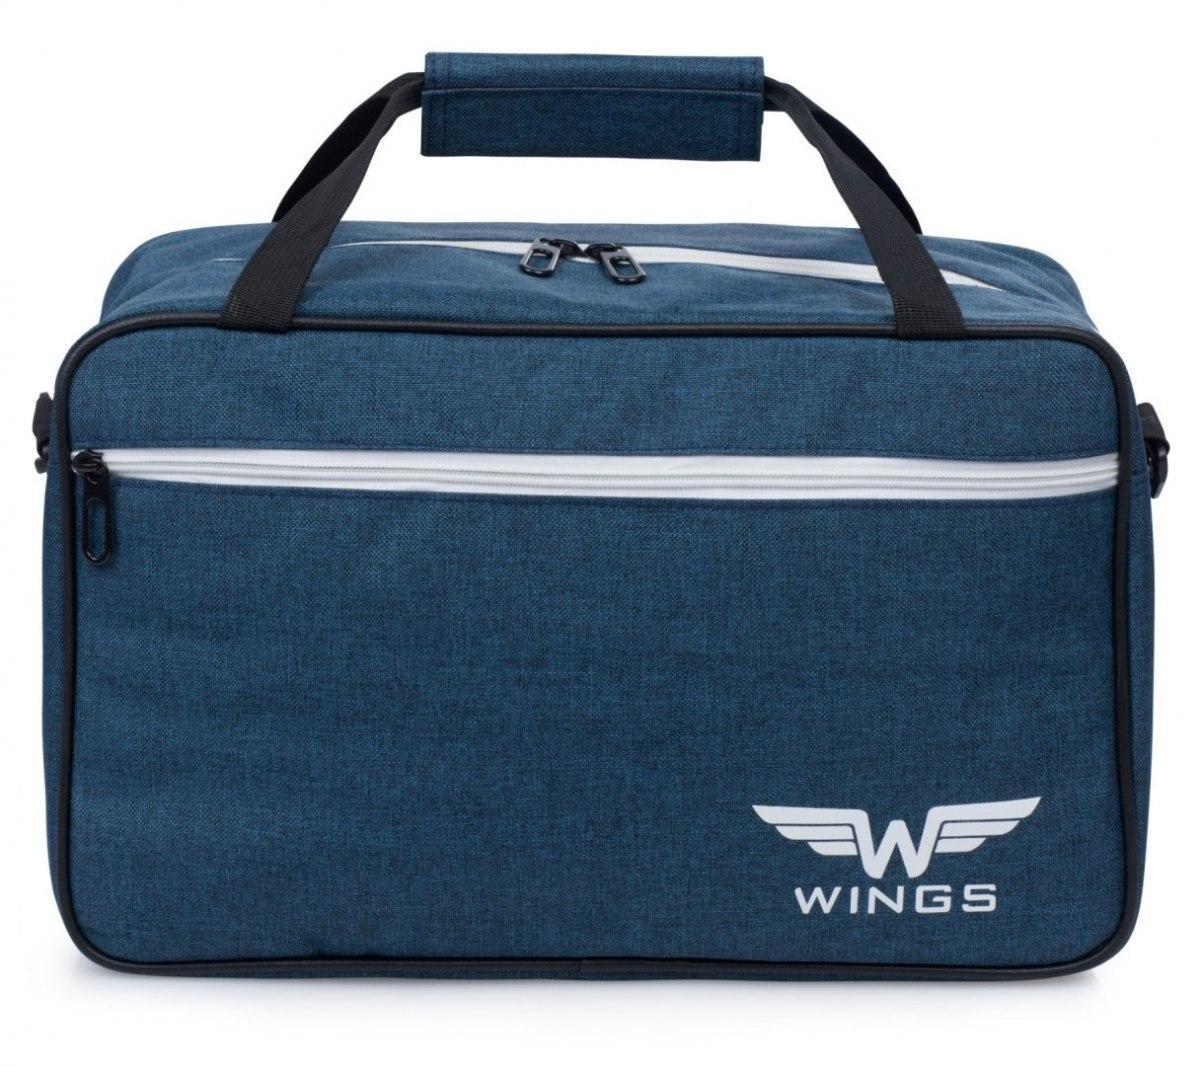 Сумка дорожная на чемодан Wings TB01 Ручная кладь 40x25x20 см Синяя, фото 1